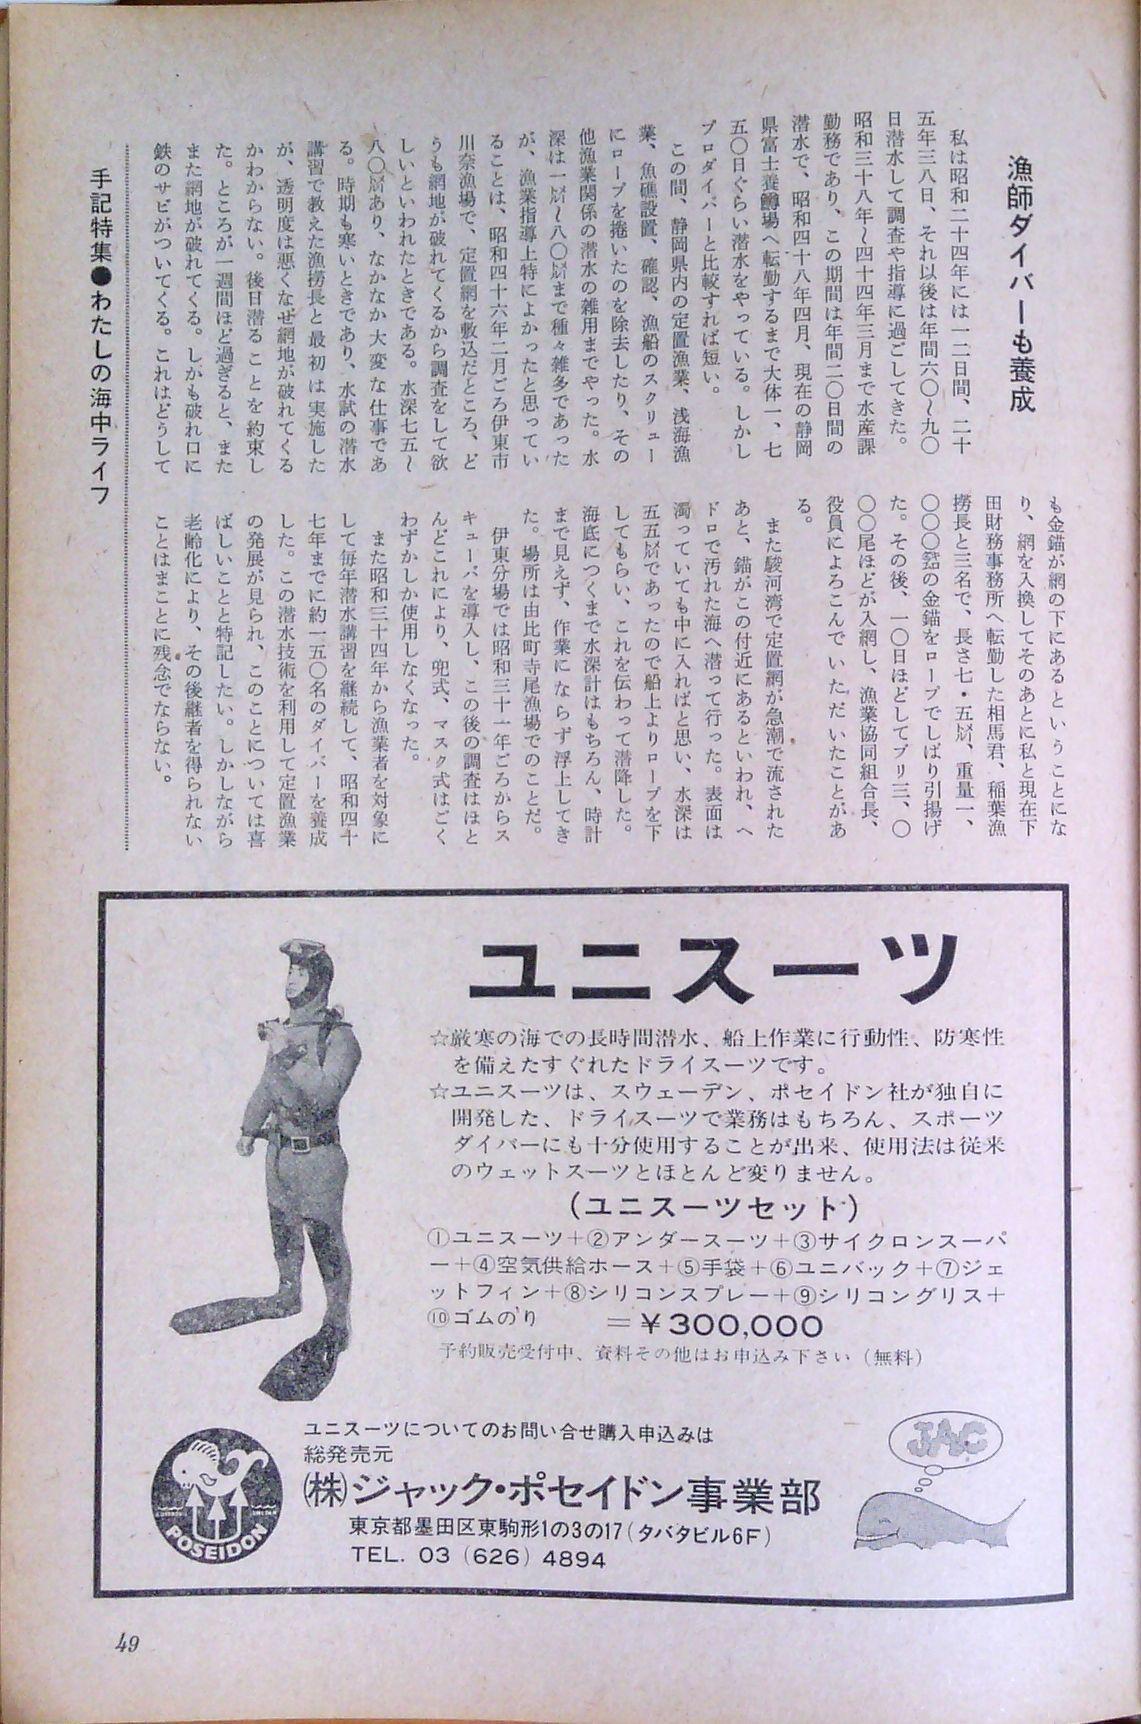 0517 ダイビングの歴史 72 海の世界1974-7月 2_b0075059_15174897.jpg